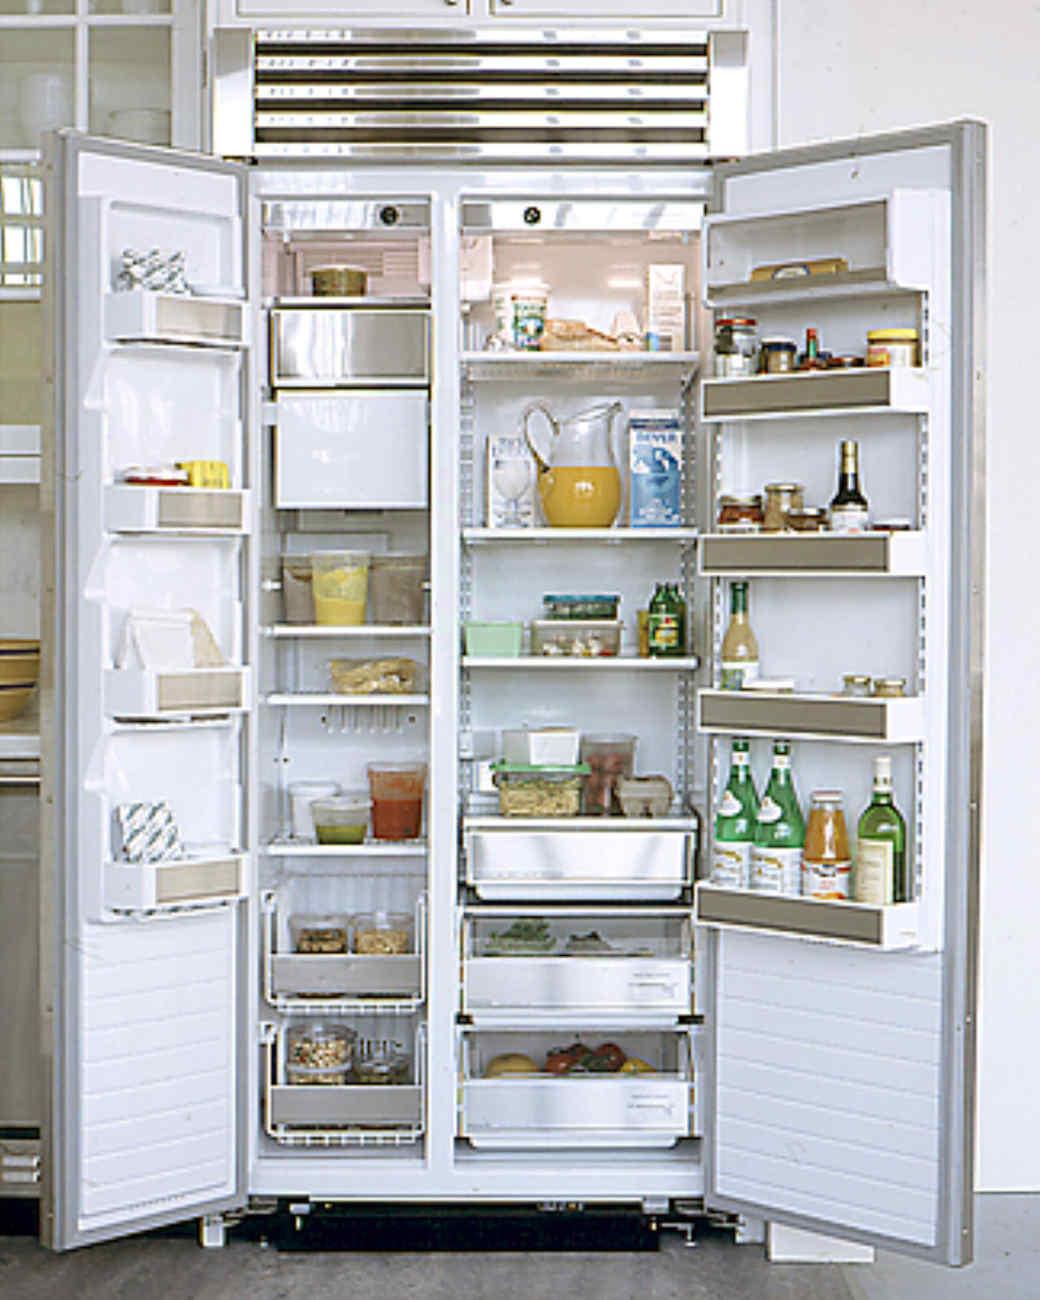 la_0406_fridge.jpg